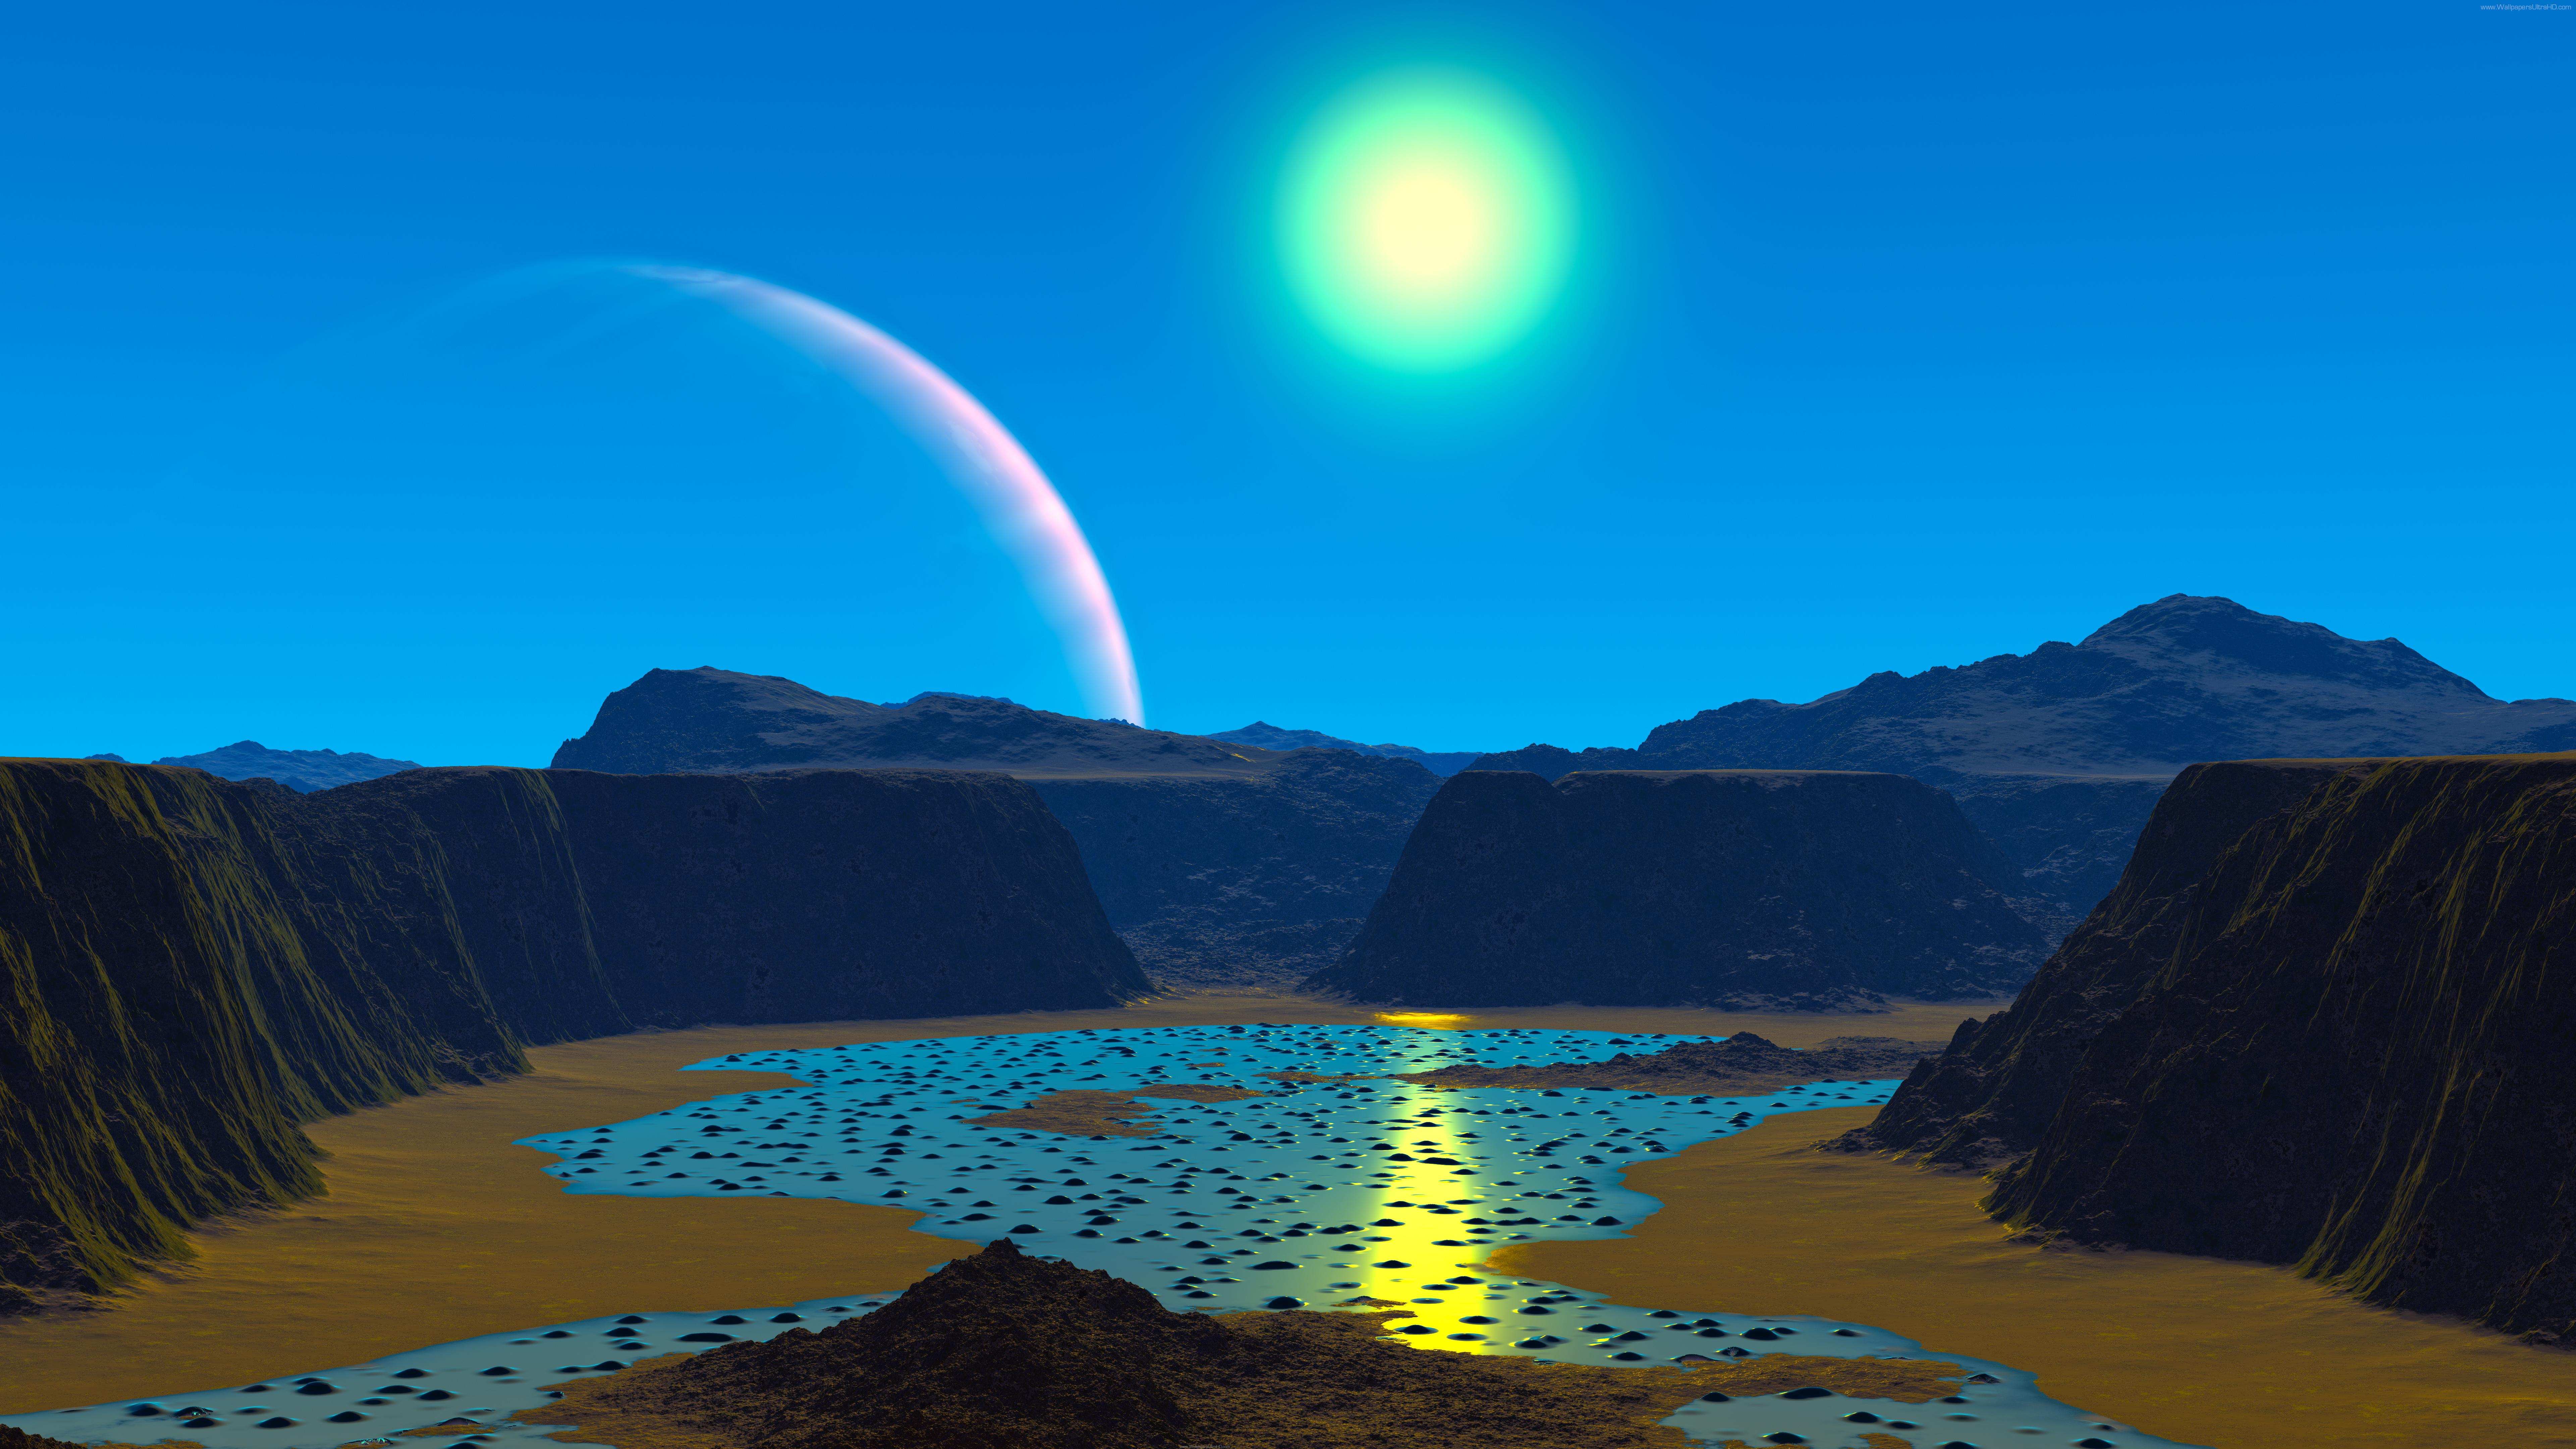 Ultra HD wallpapers 8K 3D Alien planet 7680x4320 7680x4320